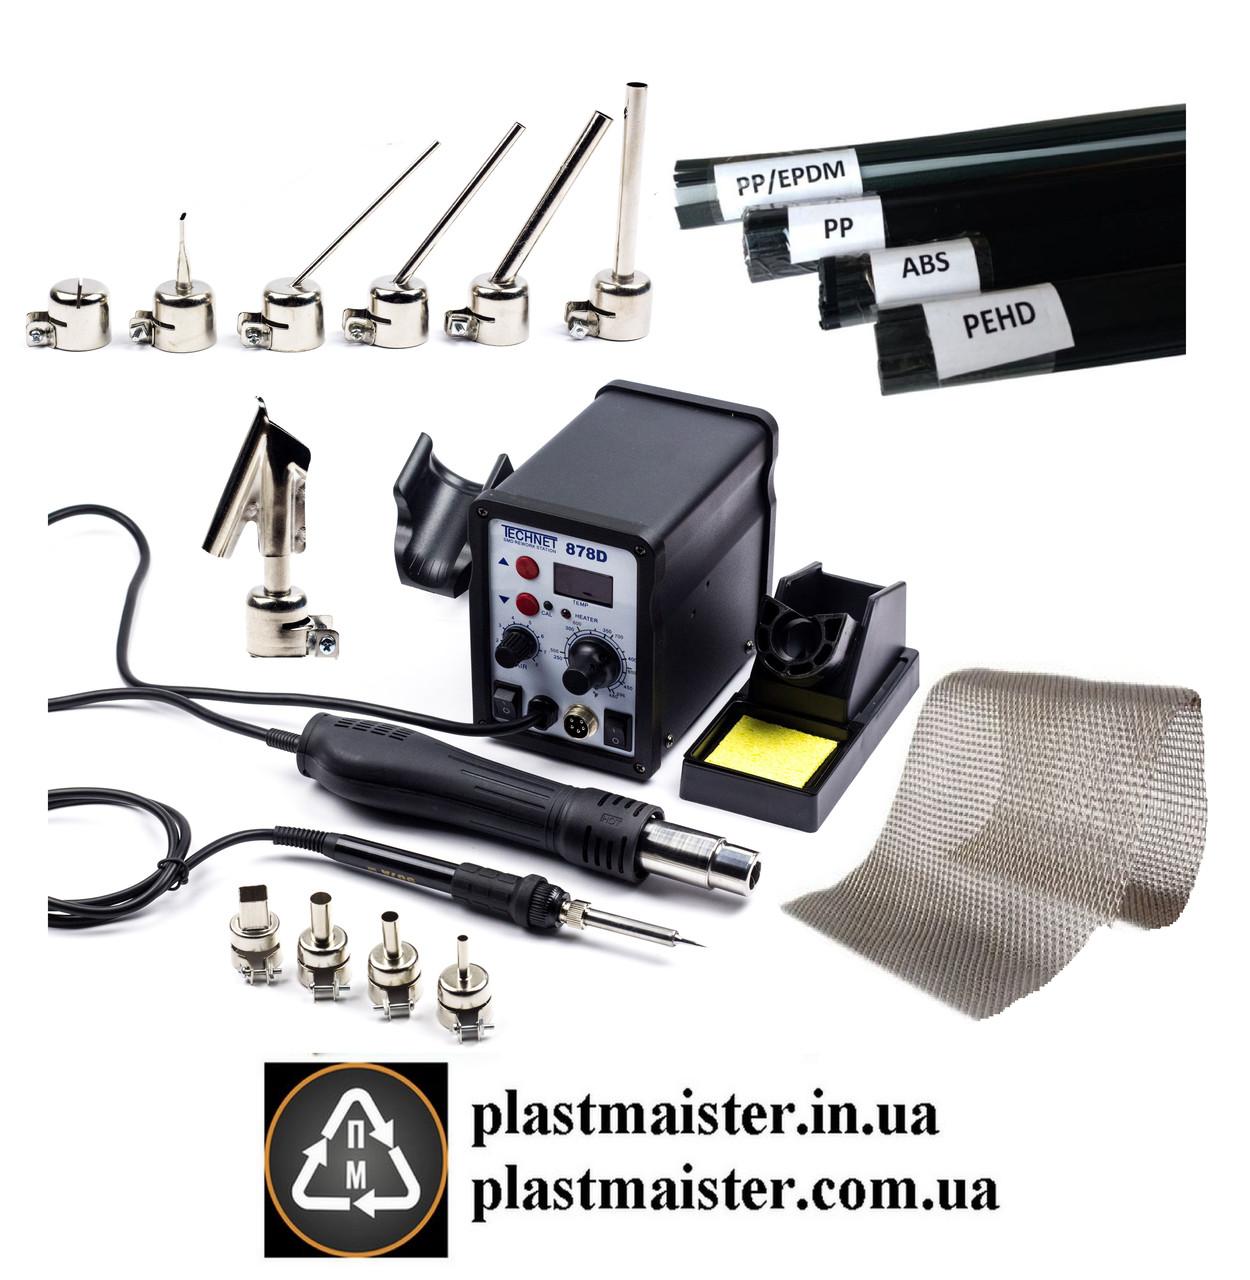 Аппарат для пайки пластика 2 в 1 - 878D+ 11 сопел + пластик + сетка